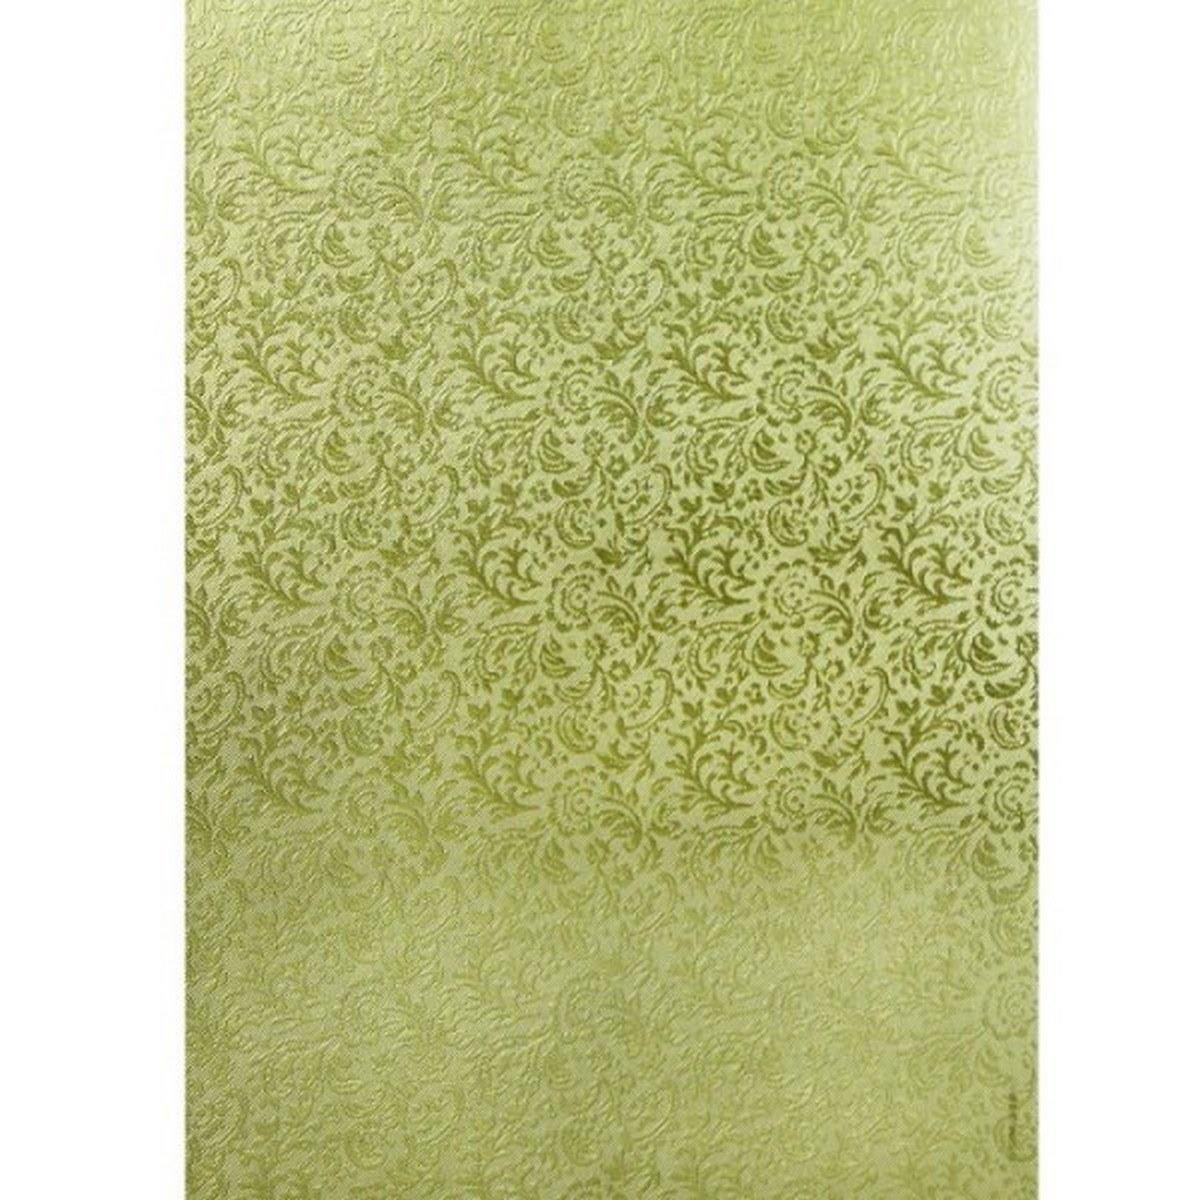 Metallic A3 Paper Golden Honeyflo